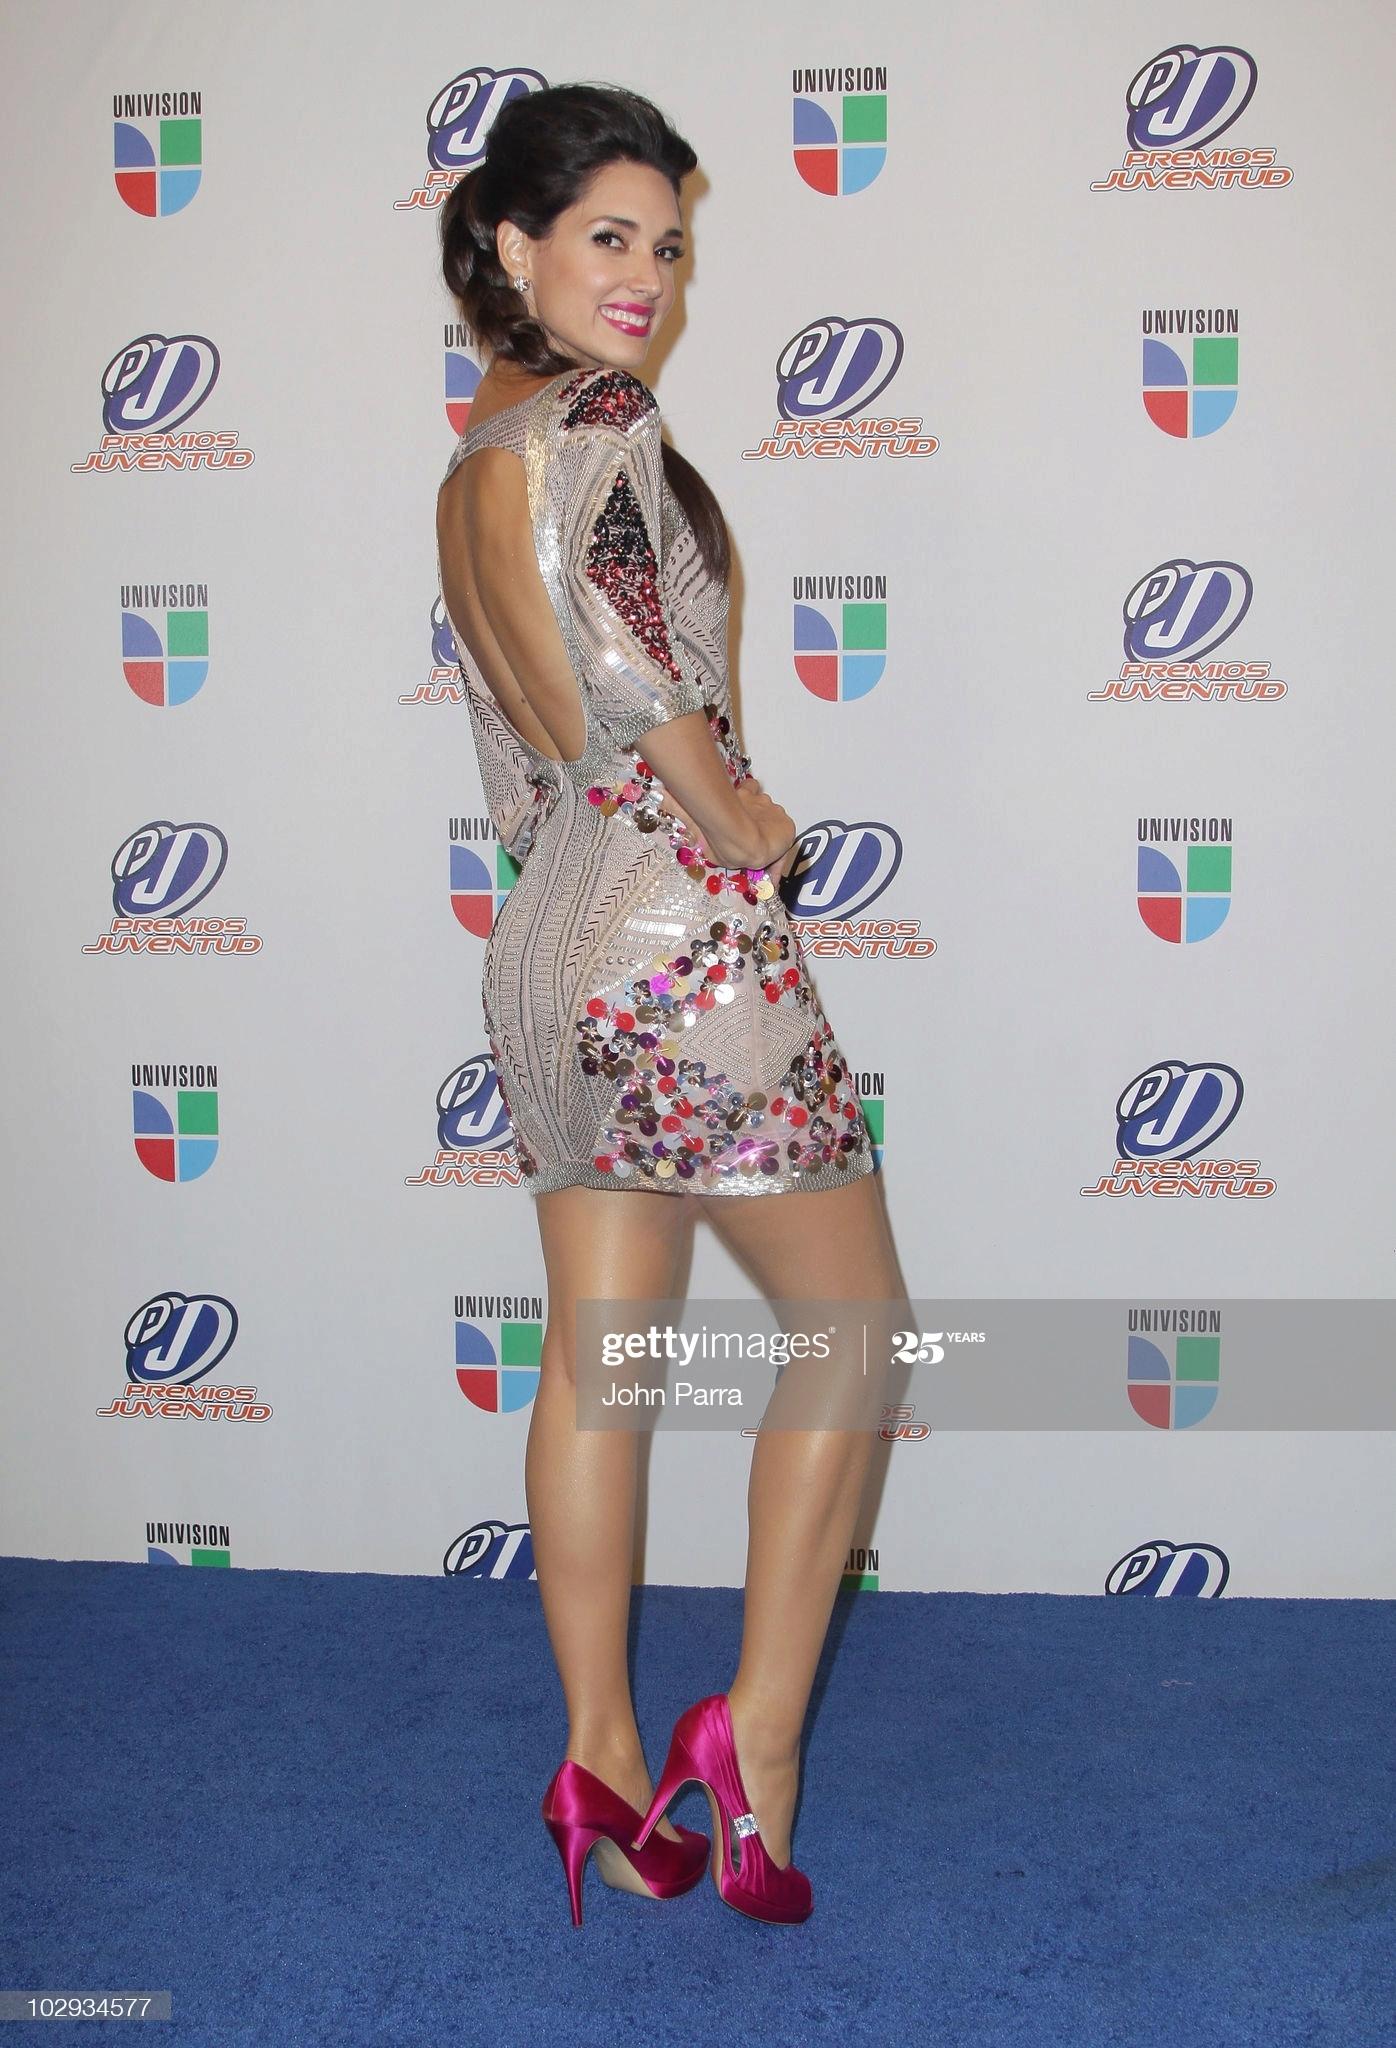 ════ ∘◦❁◦∘ ════ Amelia Vega, Miss Universe 2003. ════ ∘◦❁◦∘ ════ - Página 13 Amelia14